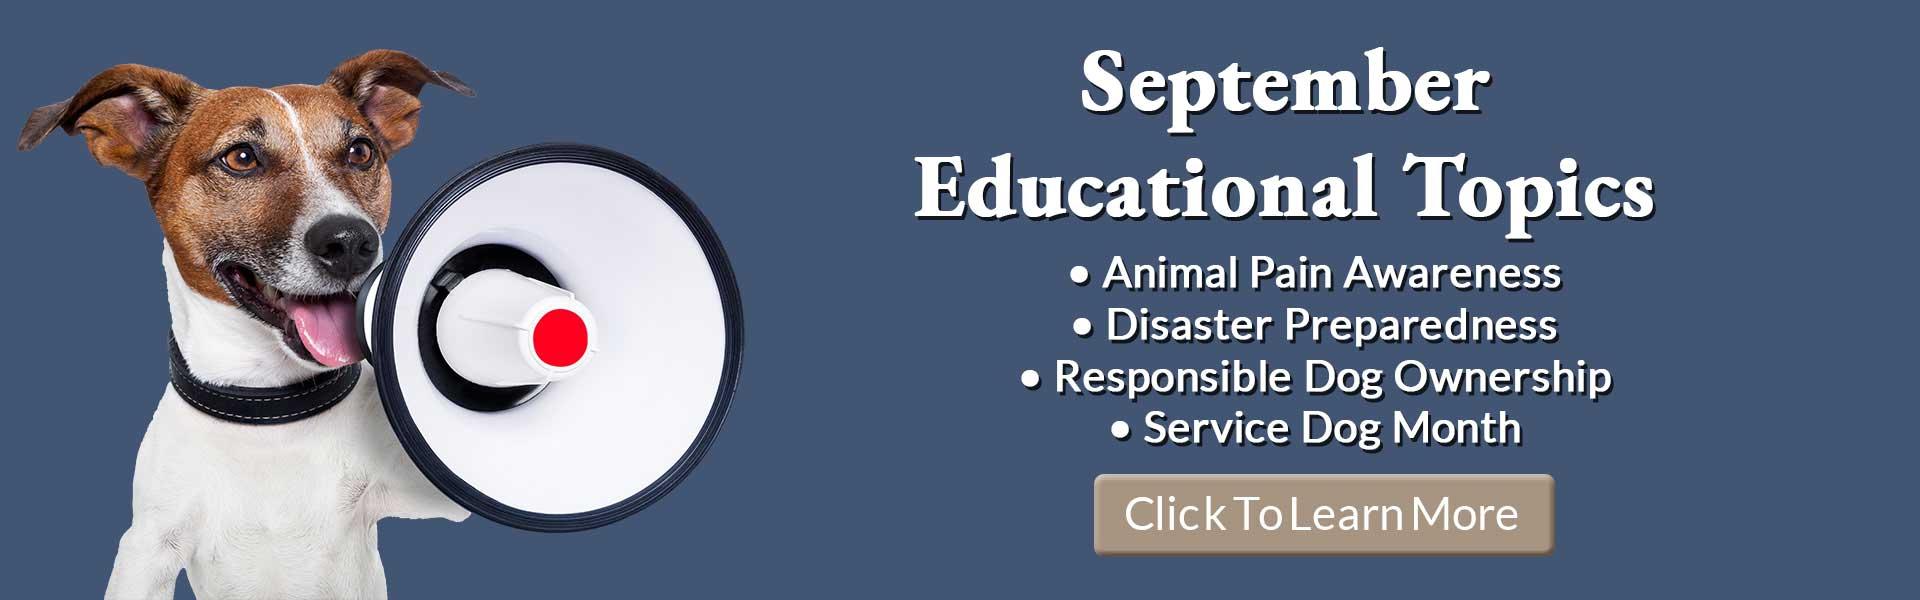 September Pet Education